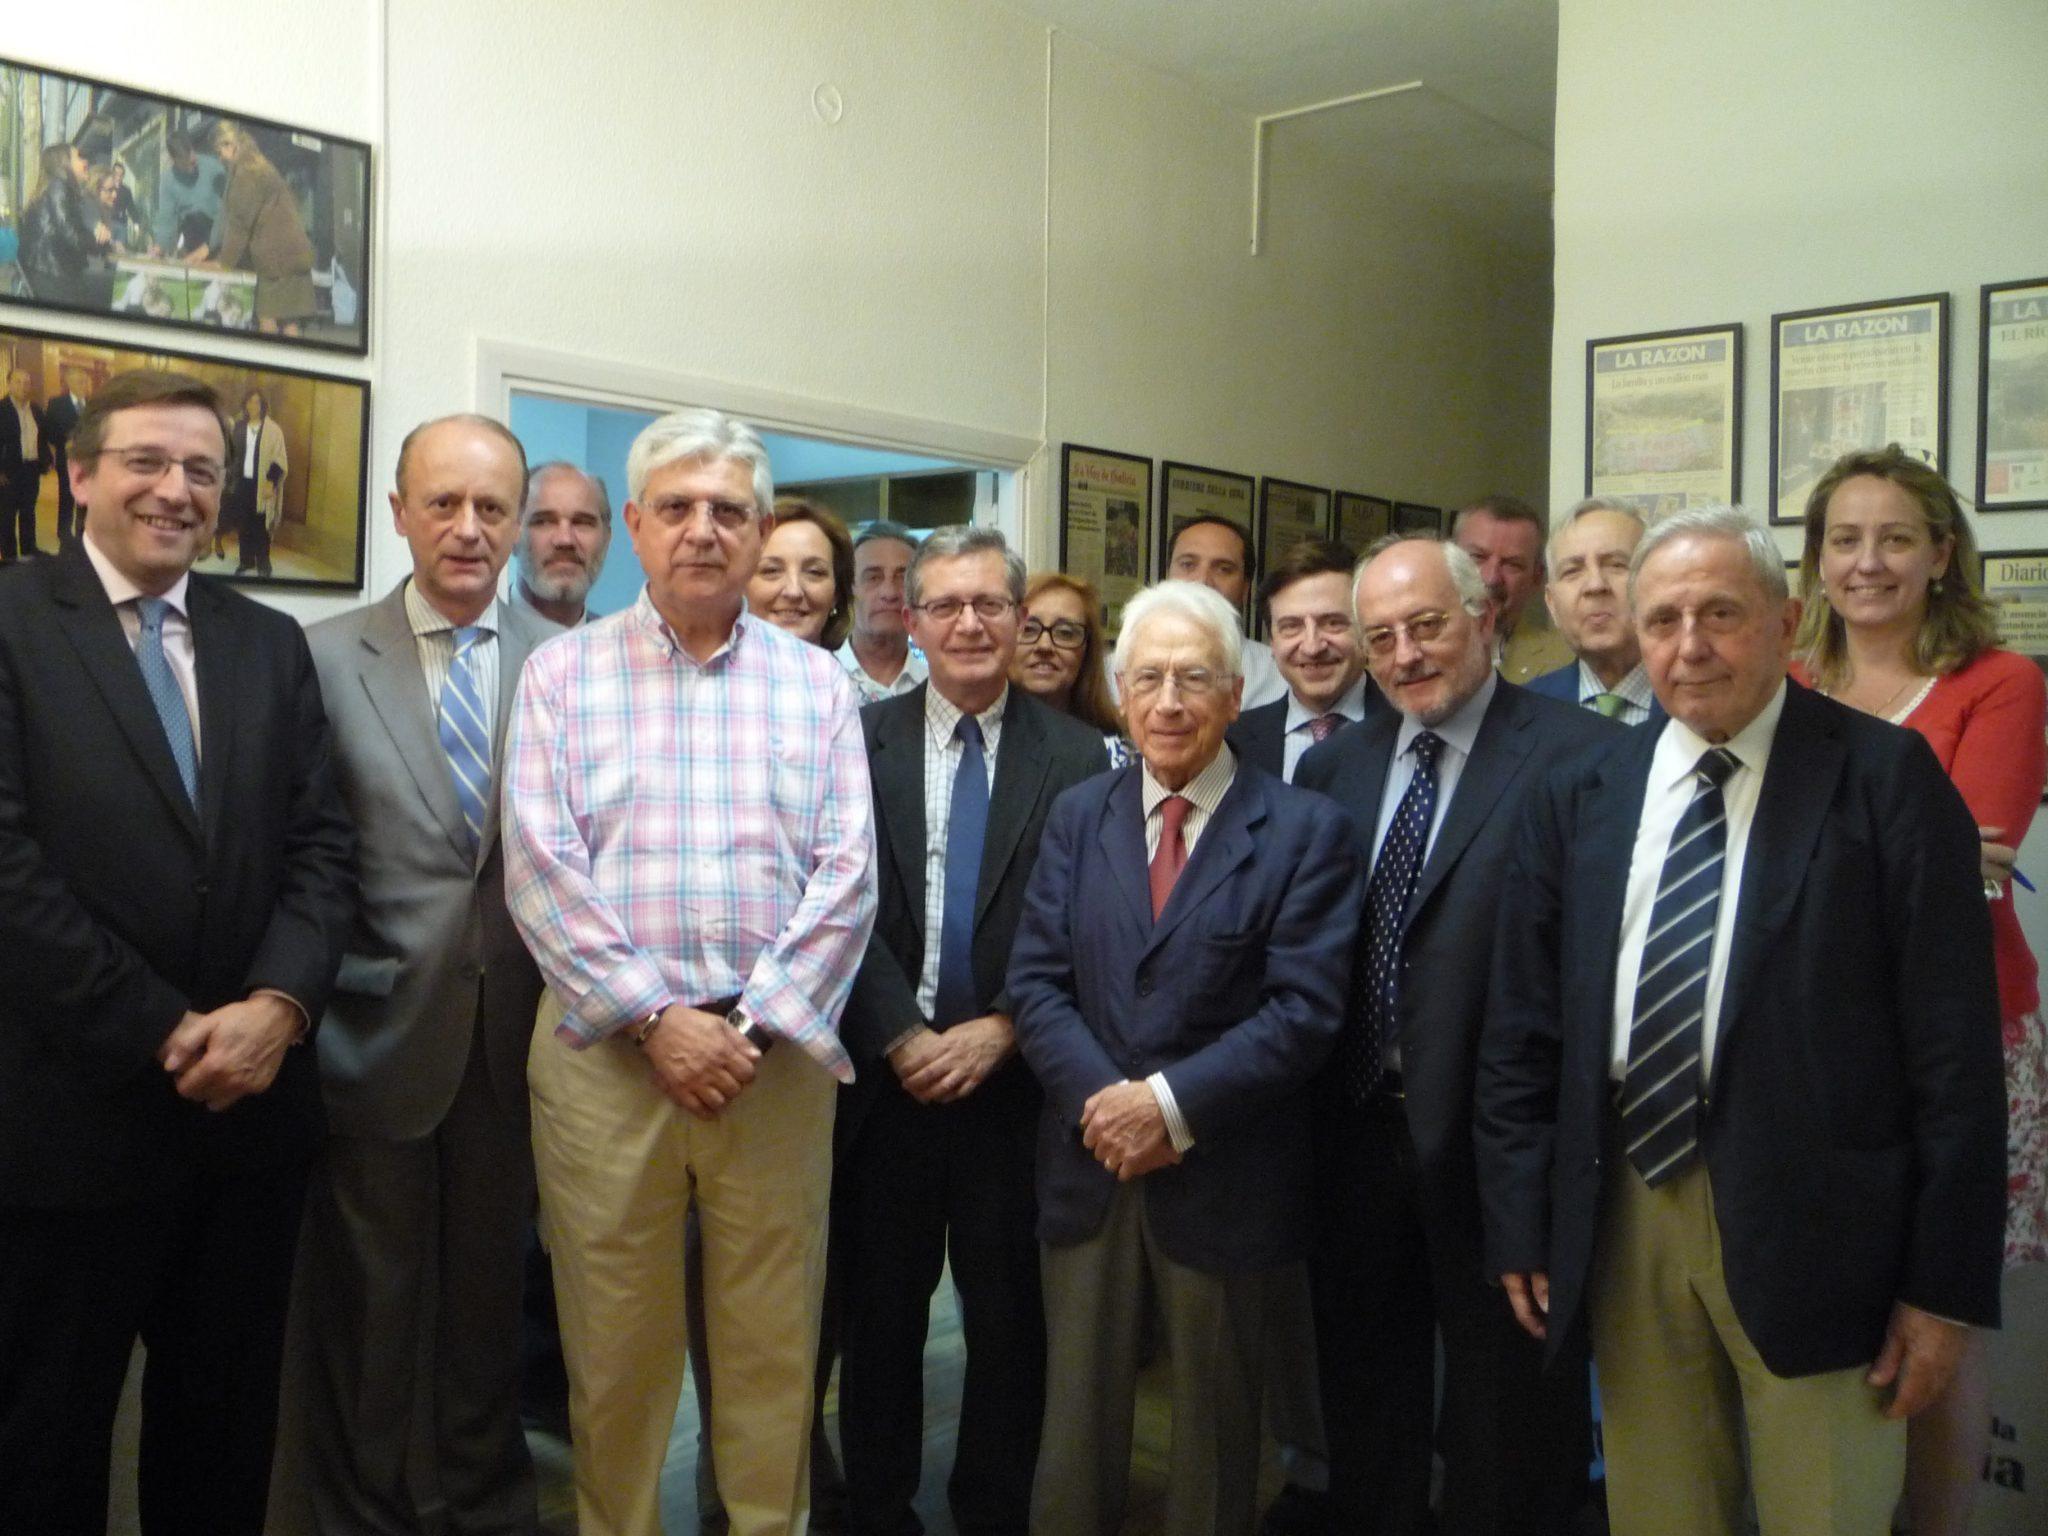 El Foro de la Familia renueva su Junta Directiva en la Asamblea General Ordinaria de 2013 1